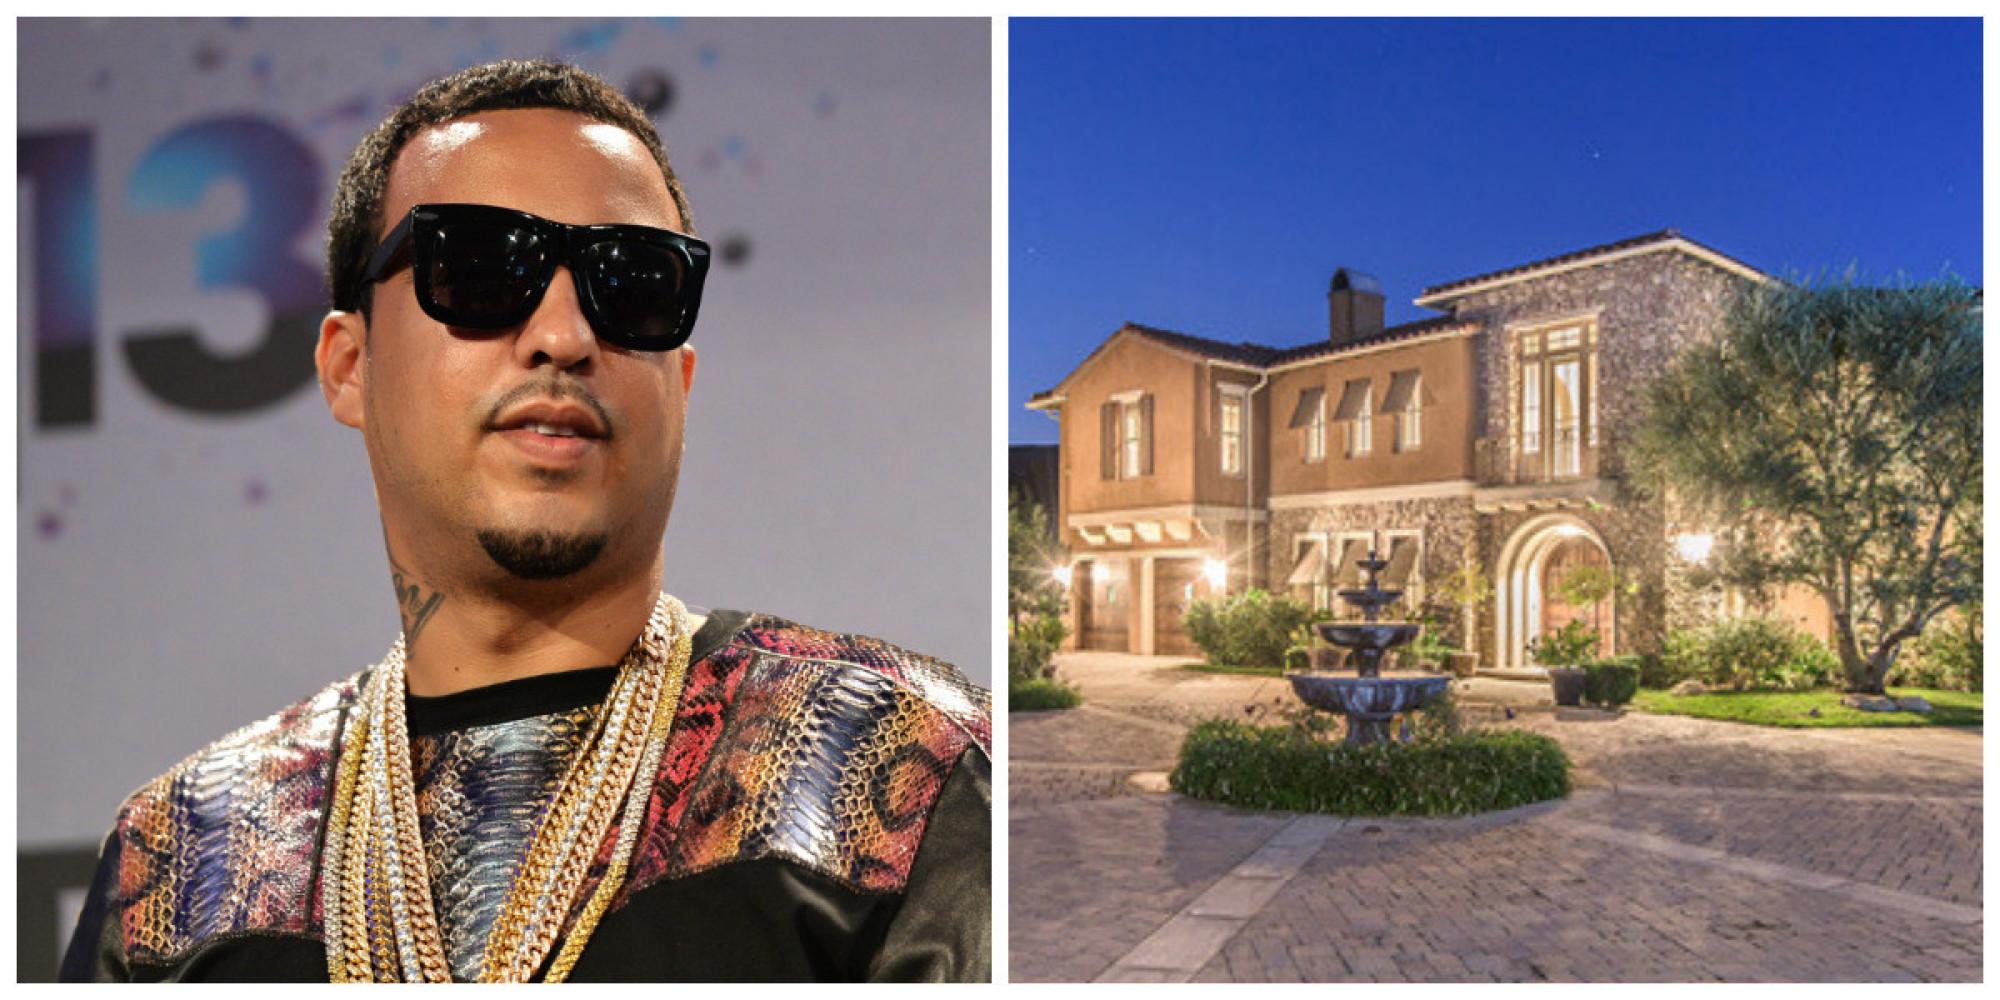 Le rappeur marocain french montana ach te la maison de - Maison de selena gomez ...